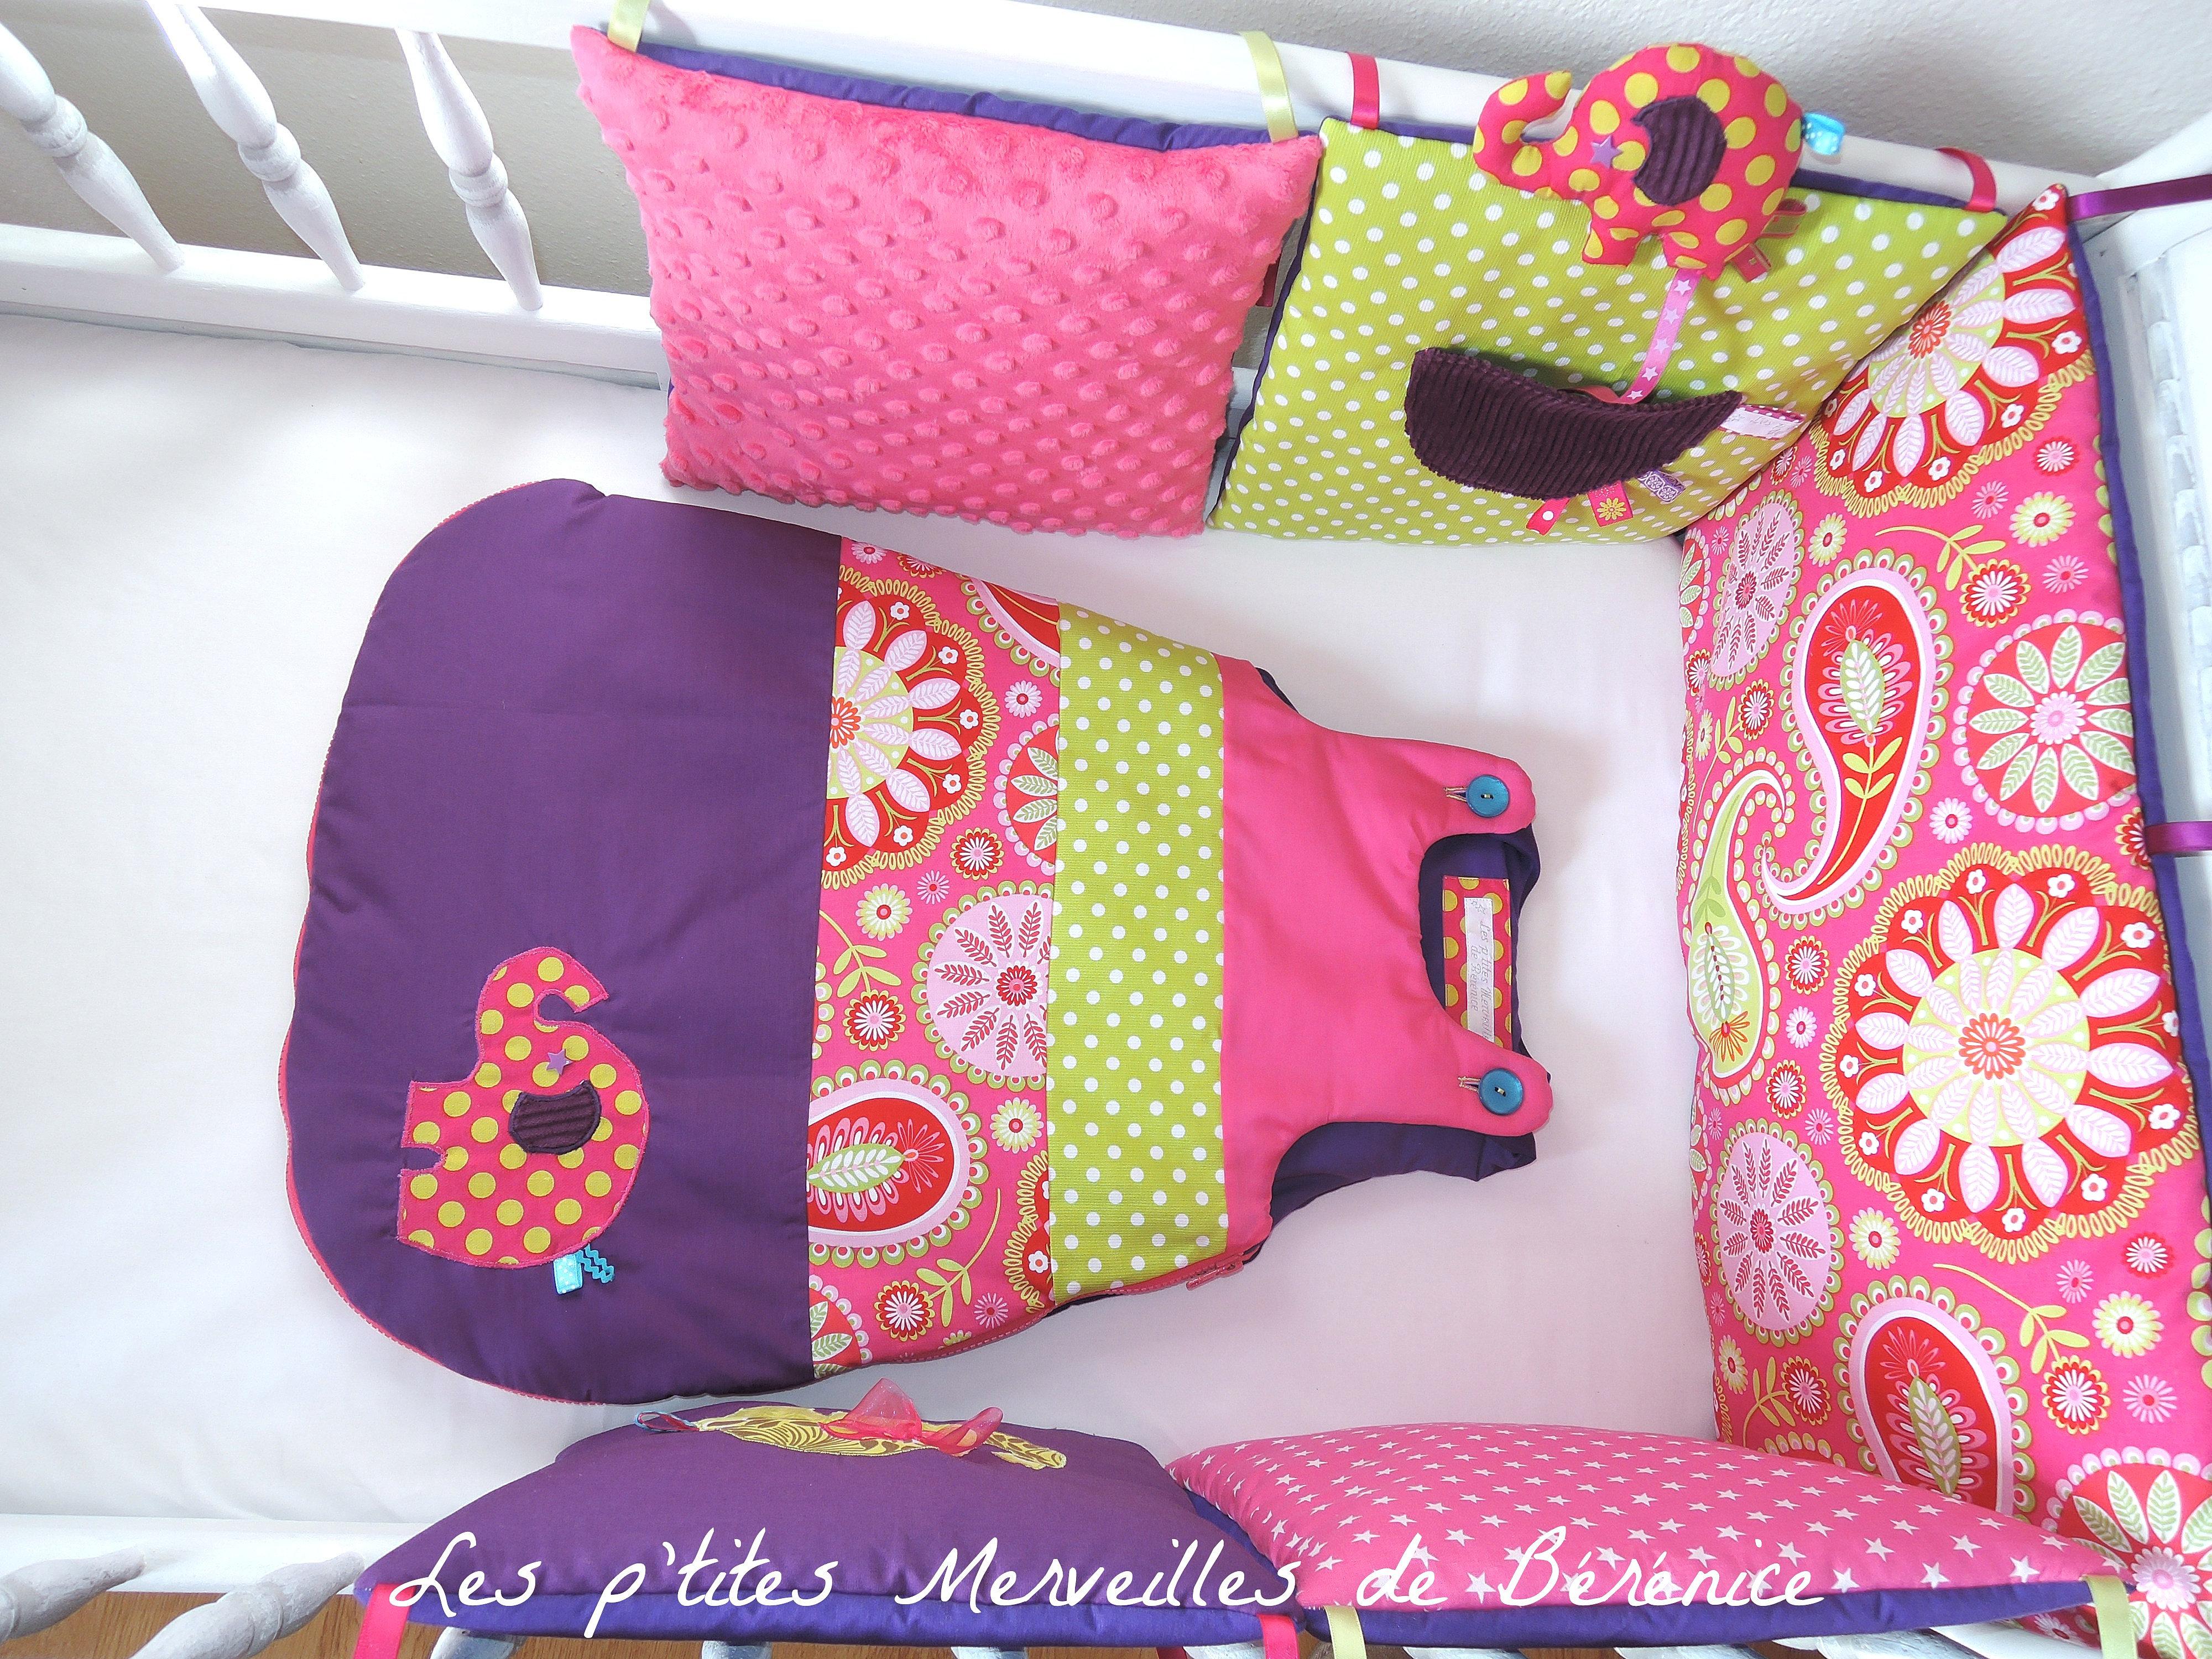 les p 39 tites merveilles de b r nice tour de lit gigoteuse fuchsia violet anis l phant dessus. Black Bedroom Furniture Sets. Home Design Ideas